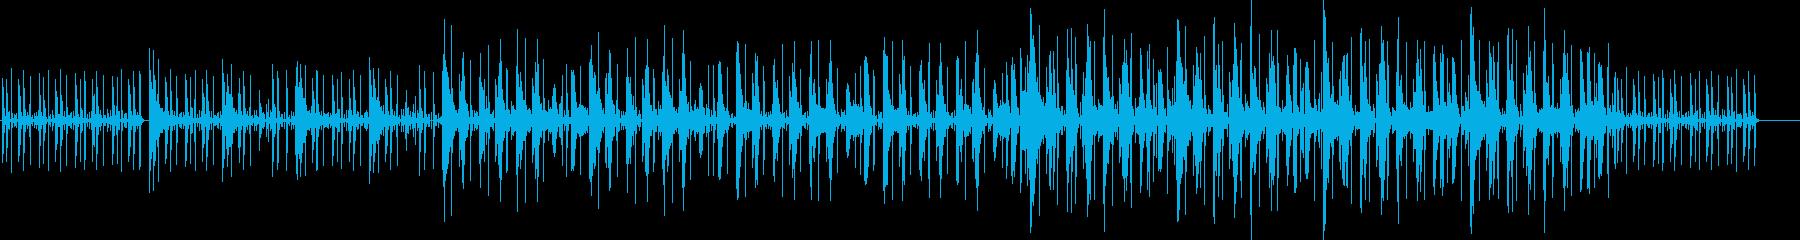 コミカルの中に不気味さがある曲の再生済みの波形